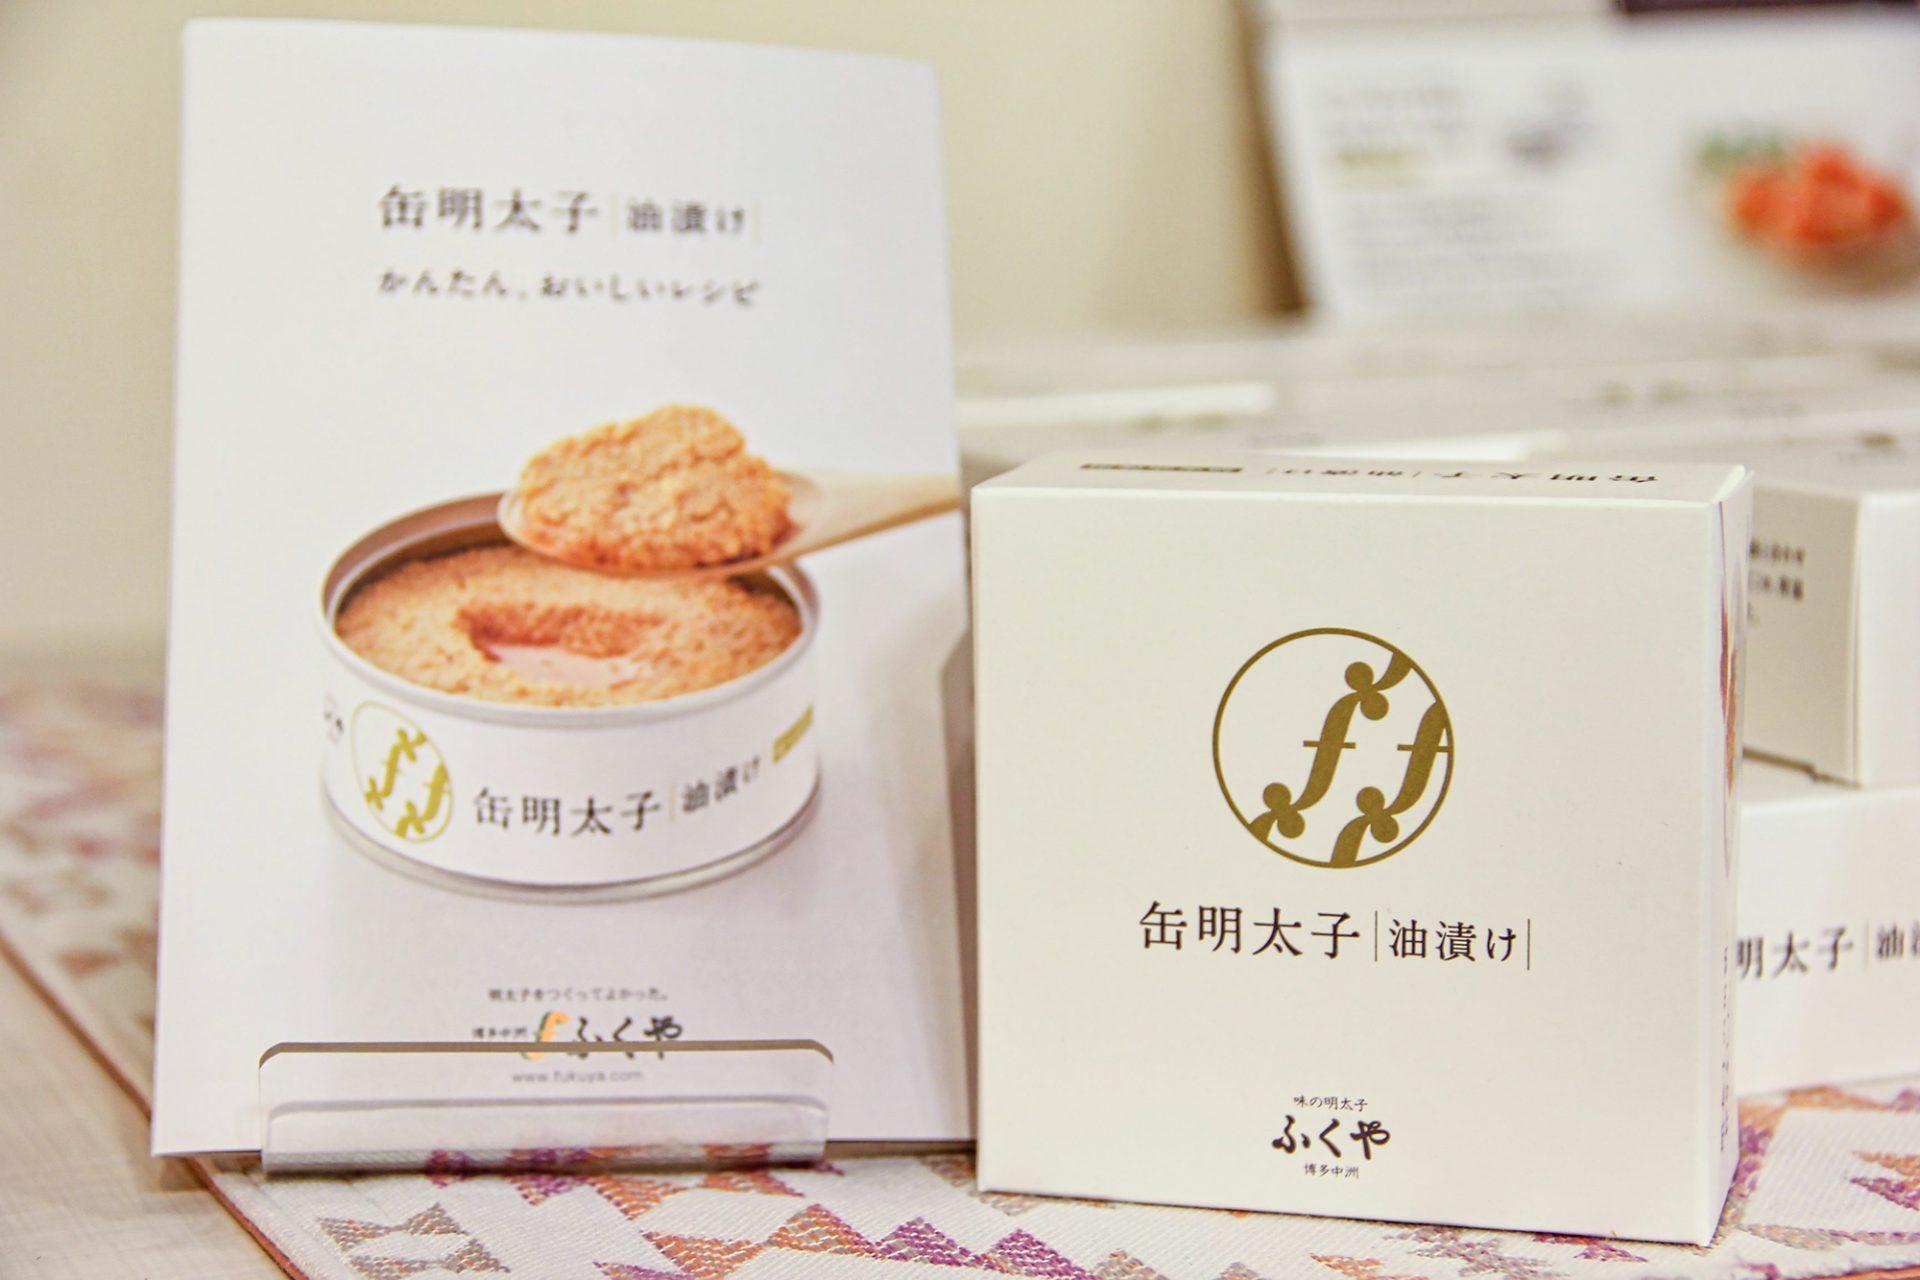 コロナの影響で、最近は日持ちのする明太子の缶詰が人気